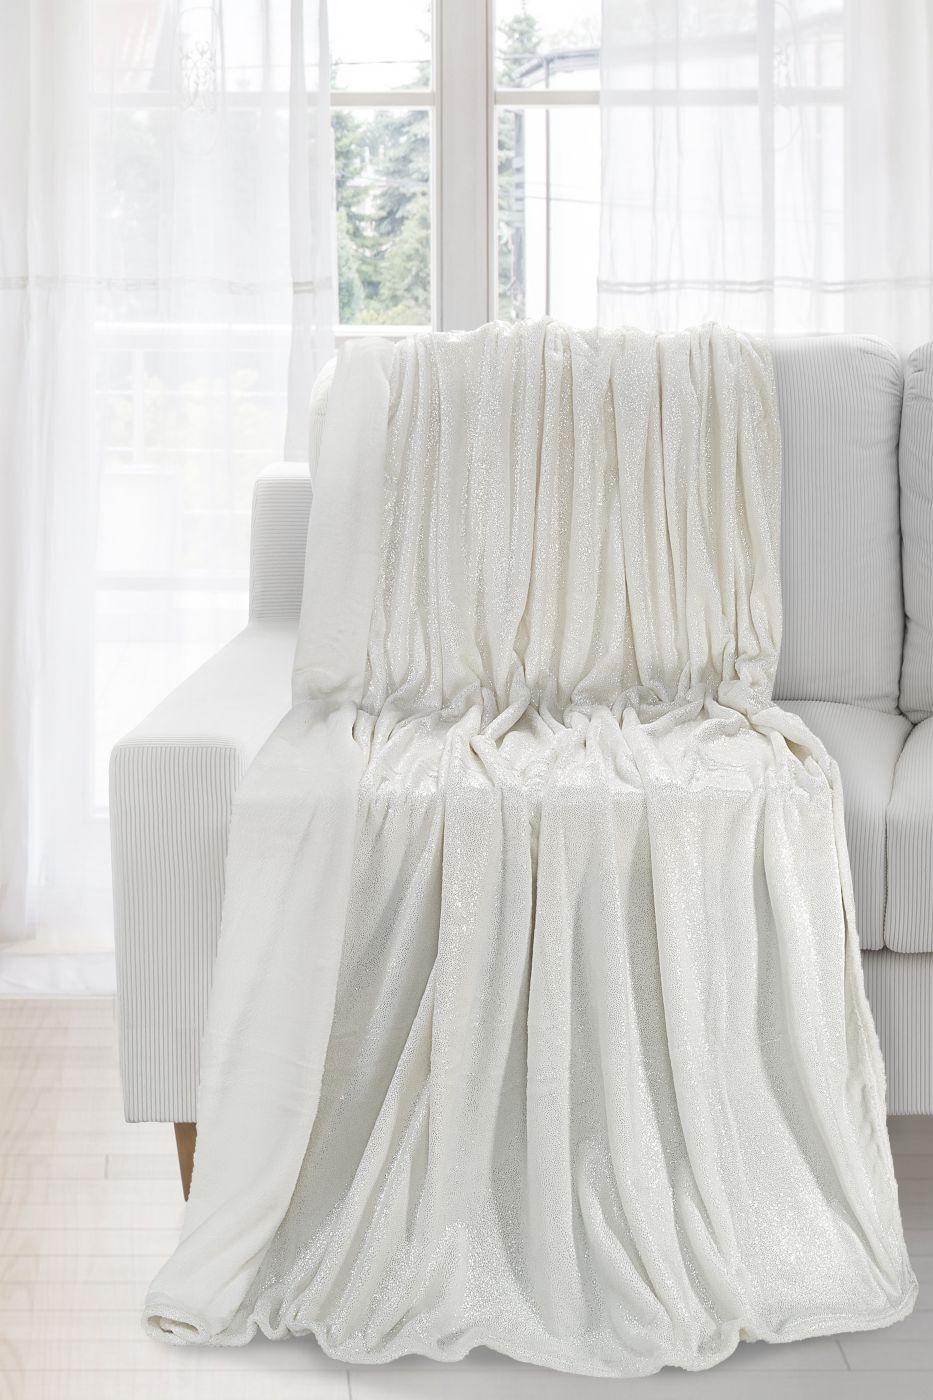 Patura Iga White / Silver 170 x 210 cm